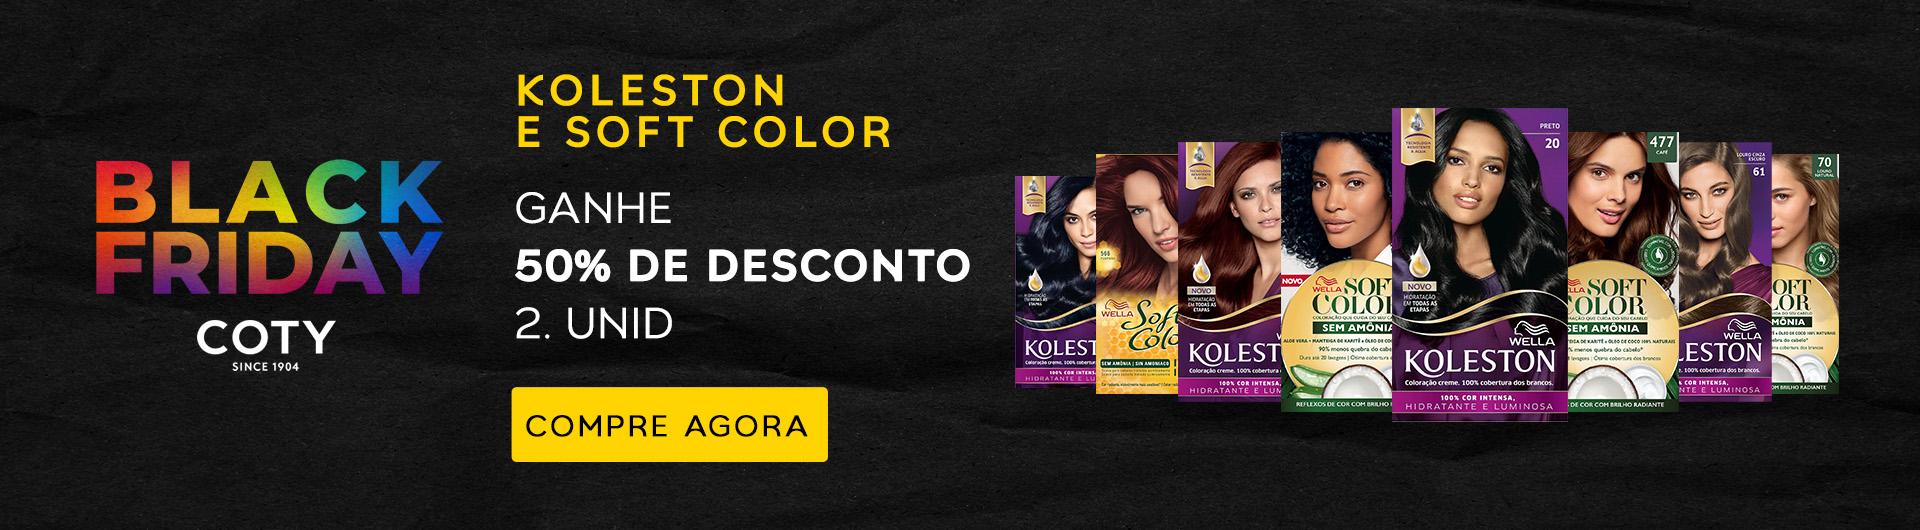 Koleston Soft Color 50% Segunda Un